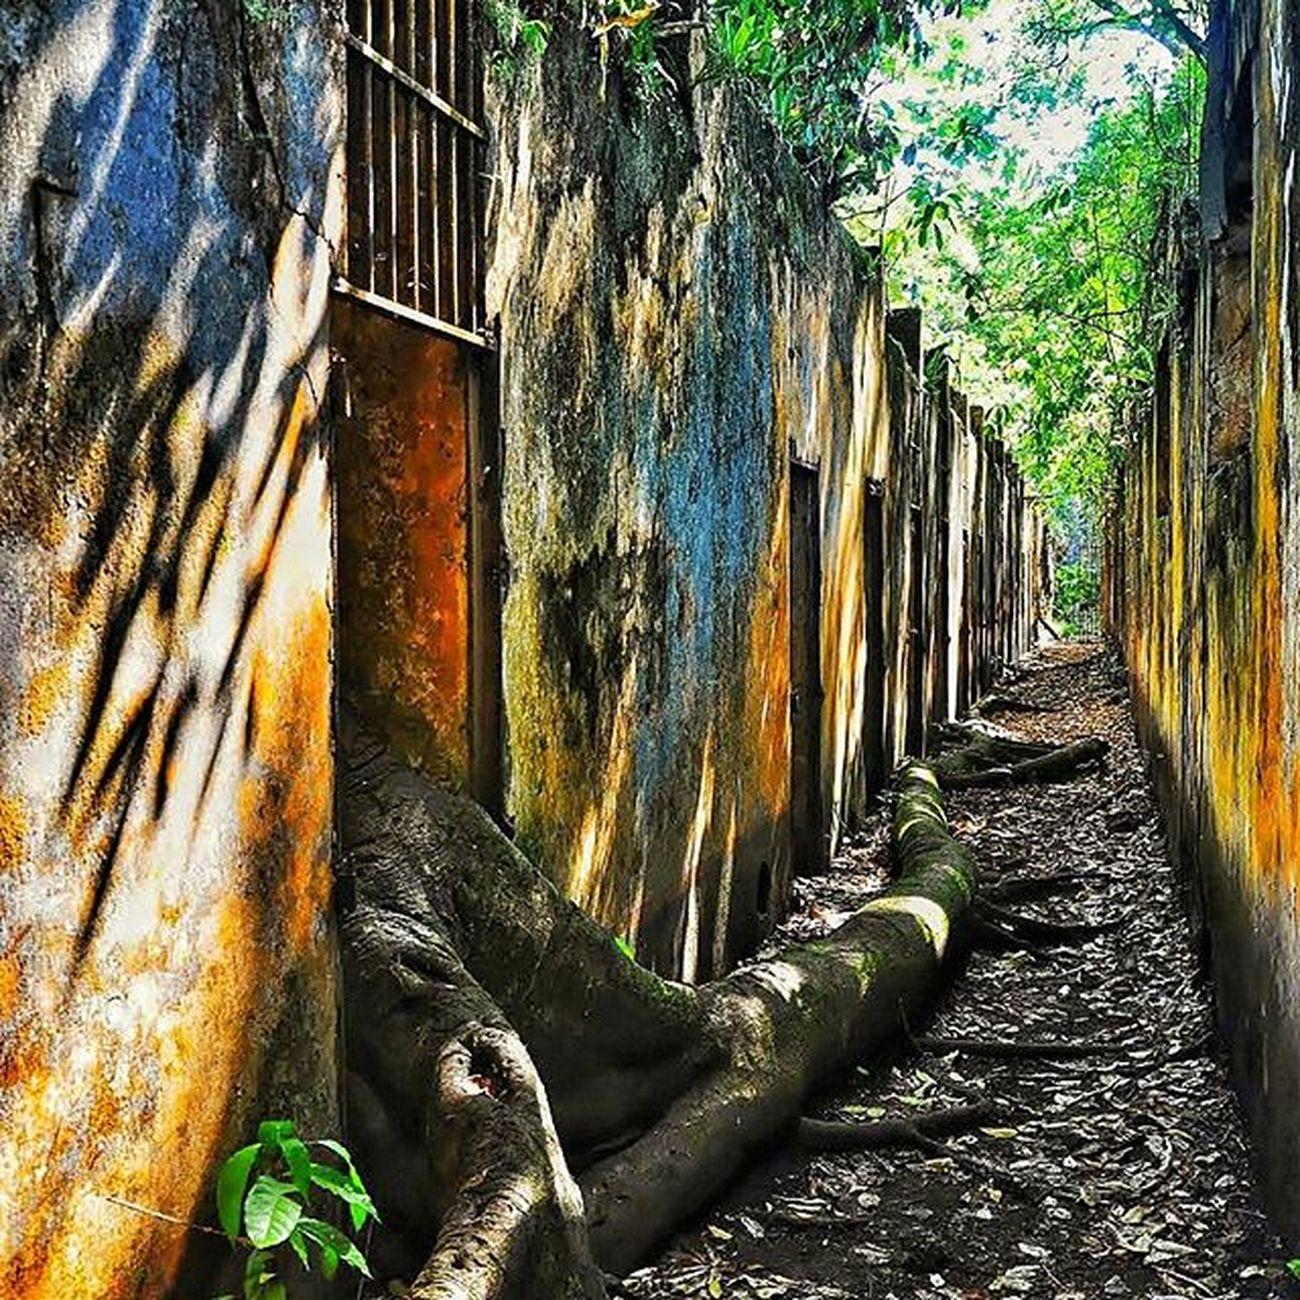 Le bagne - St Joseph (Guyane Française) Nikonfr Igersfrance Igersguyane Igersamazonia Amazonie Guyana Island Papillon Bagne Ilesdusalut Ig_worldclub Ig_europe Ig_great_pics IGDaily Igersoftheday Igaddict Super_france